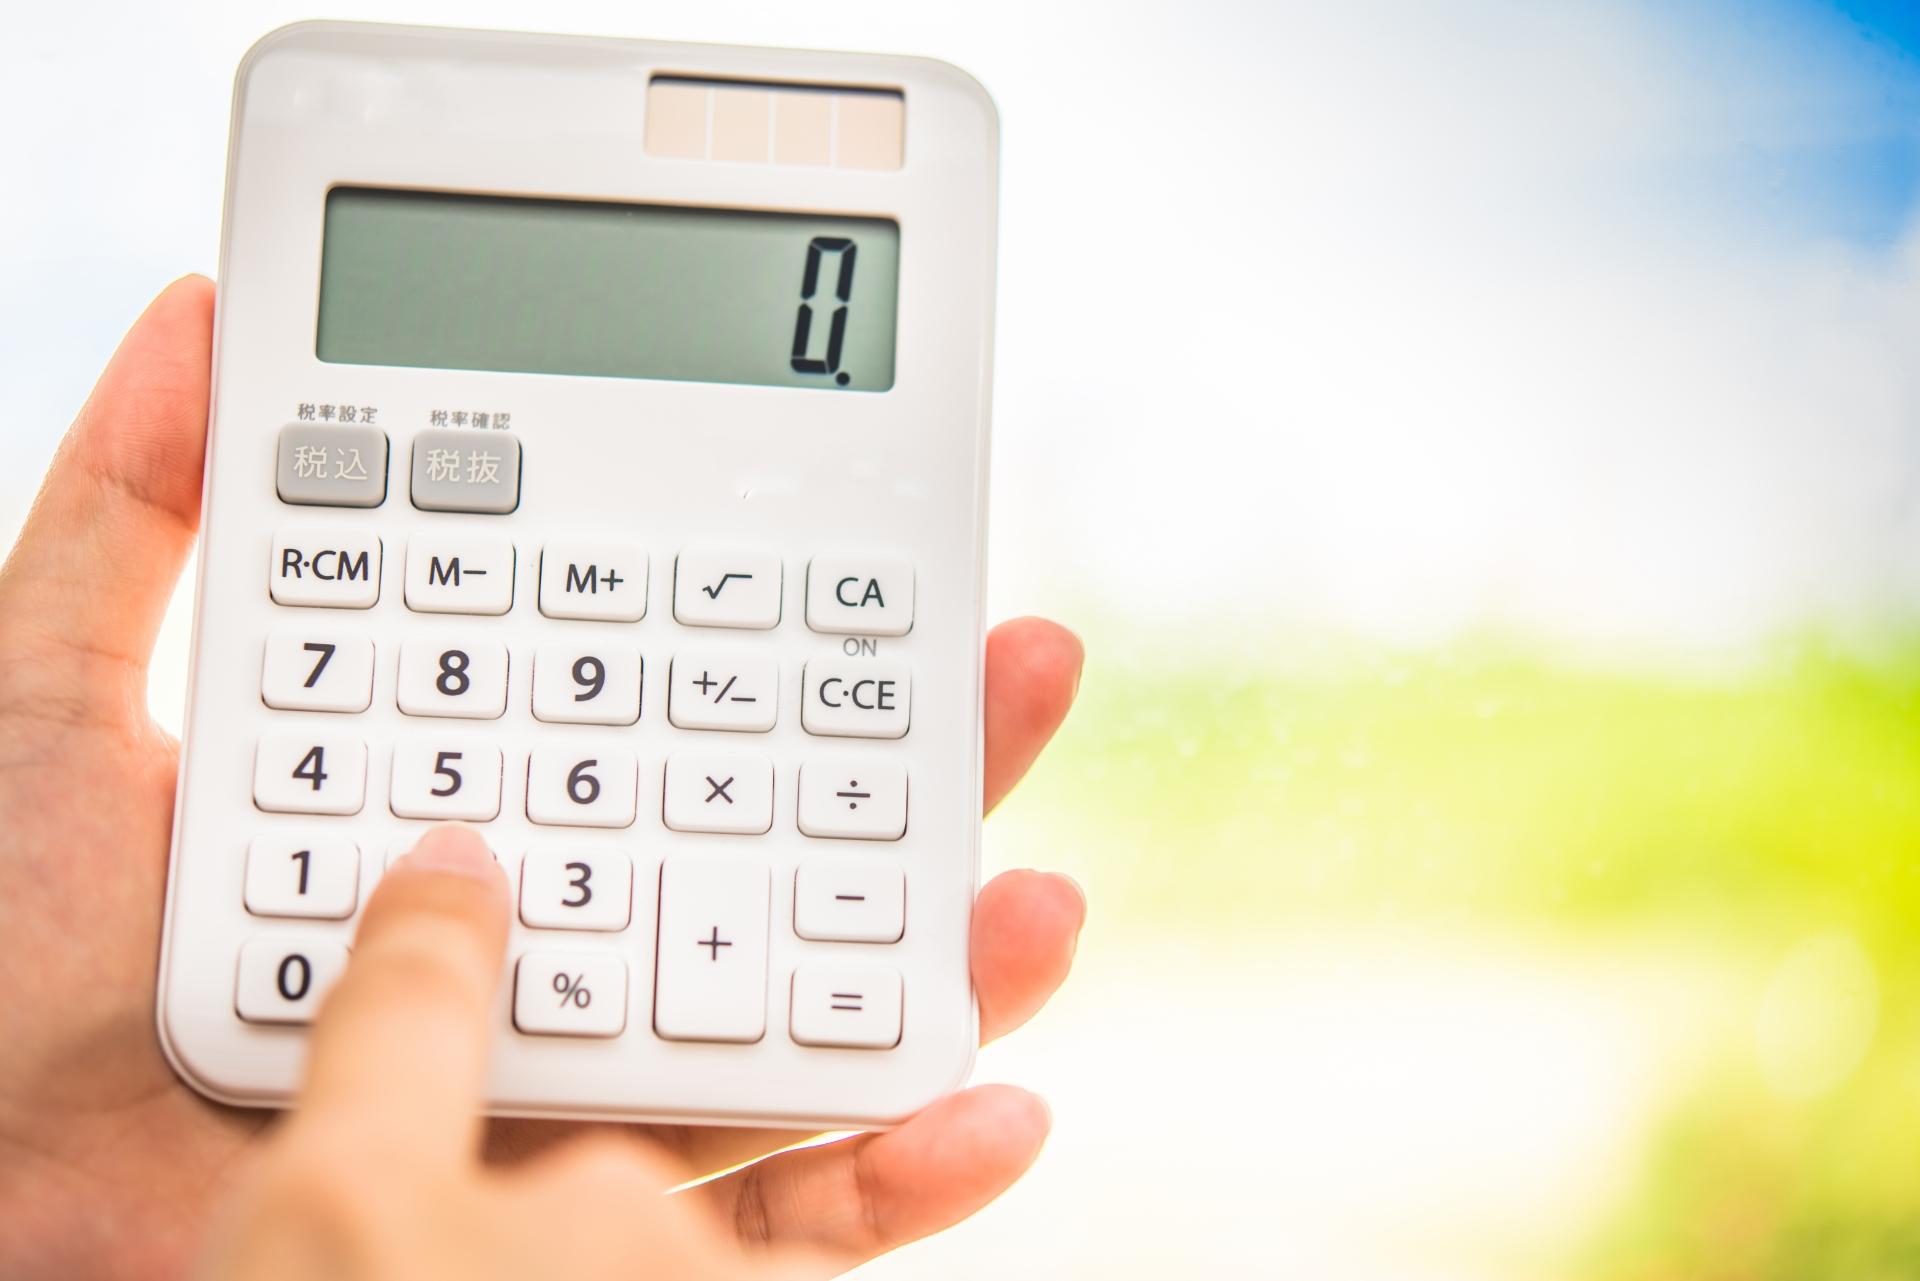 名古屋でゴミ屋敷で業者に頼むと費用・料金はいくら?依頼をすればすぐに対応してくれる?